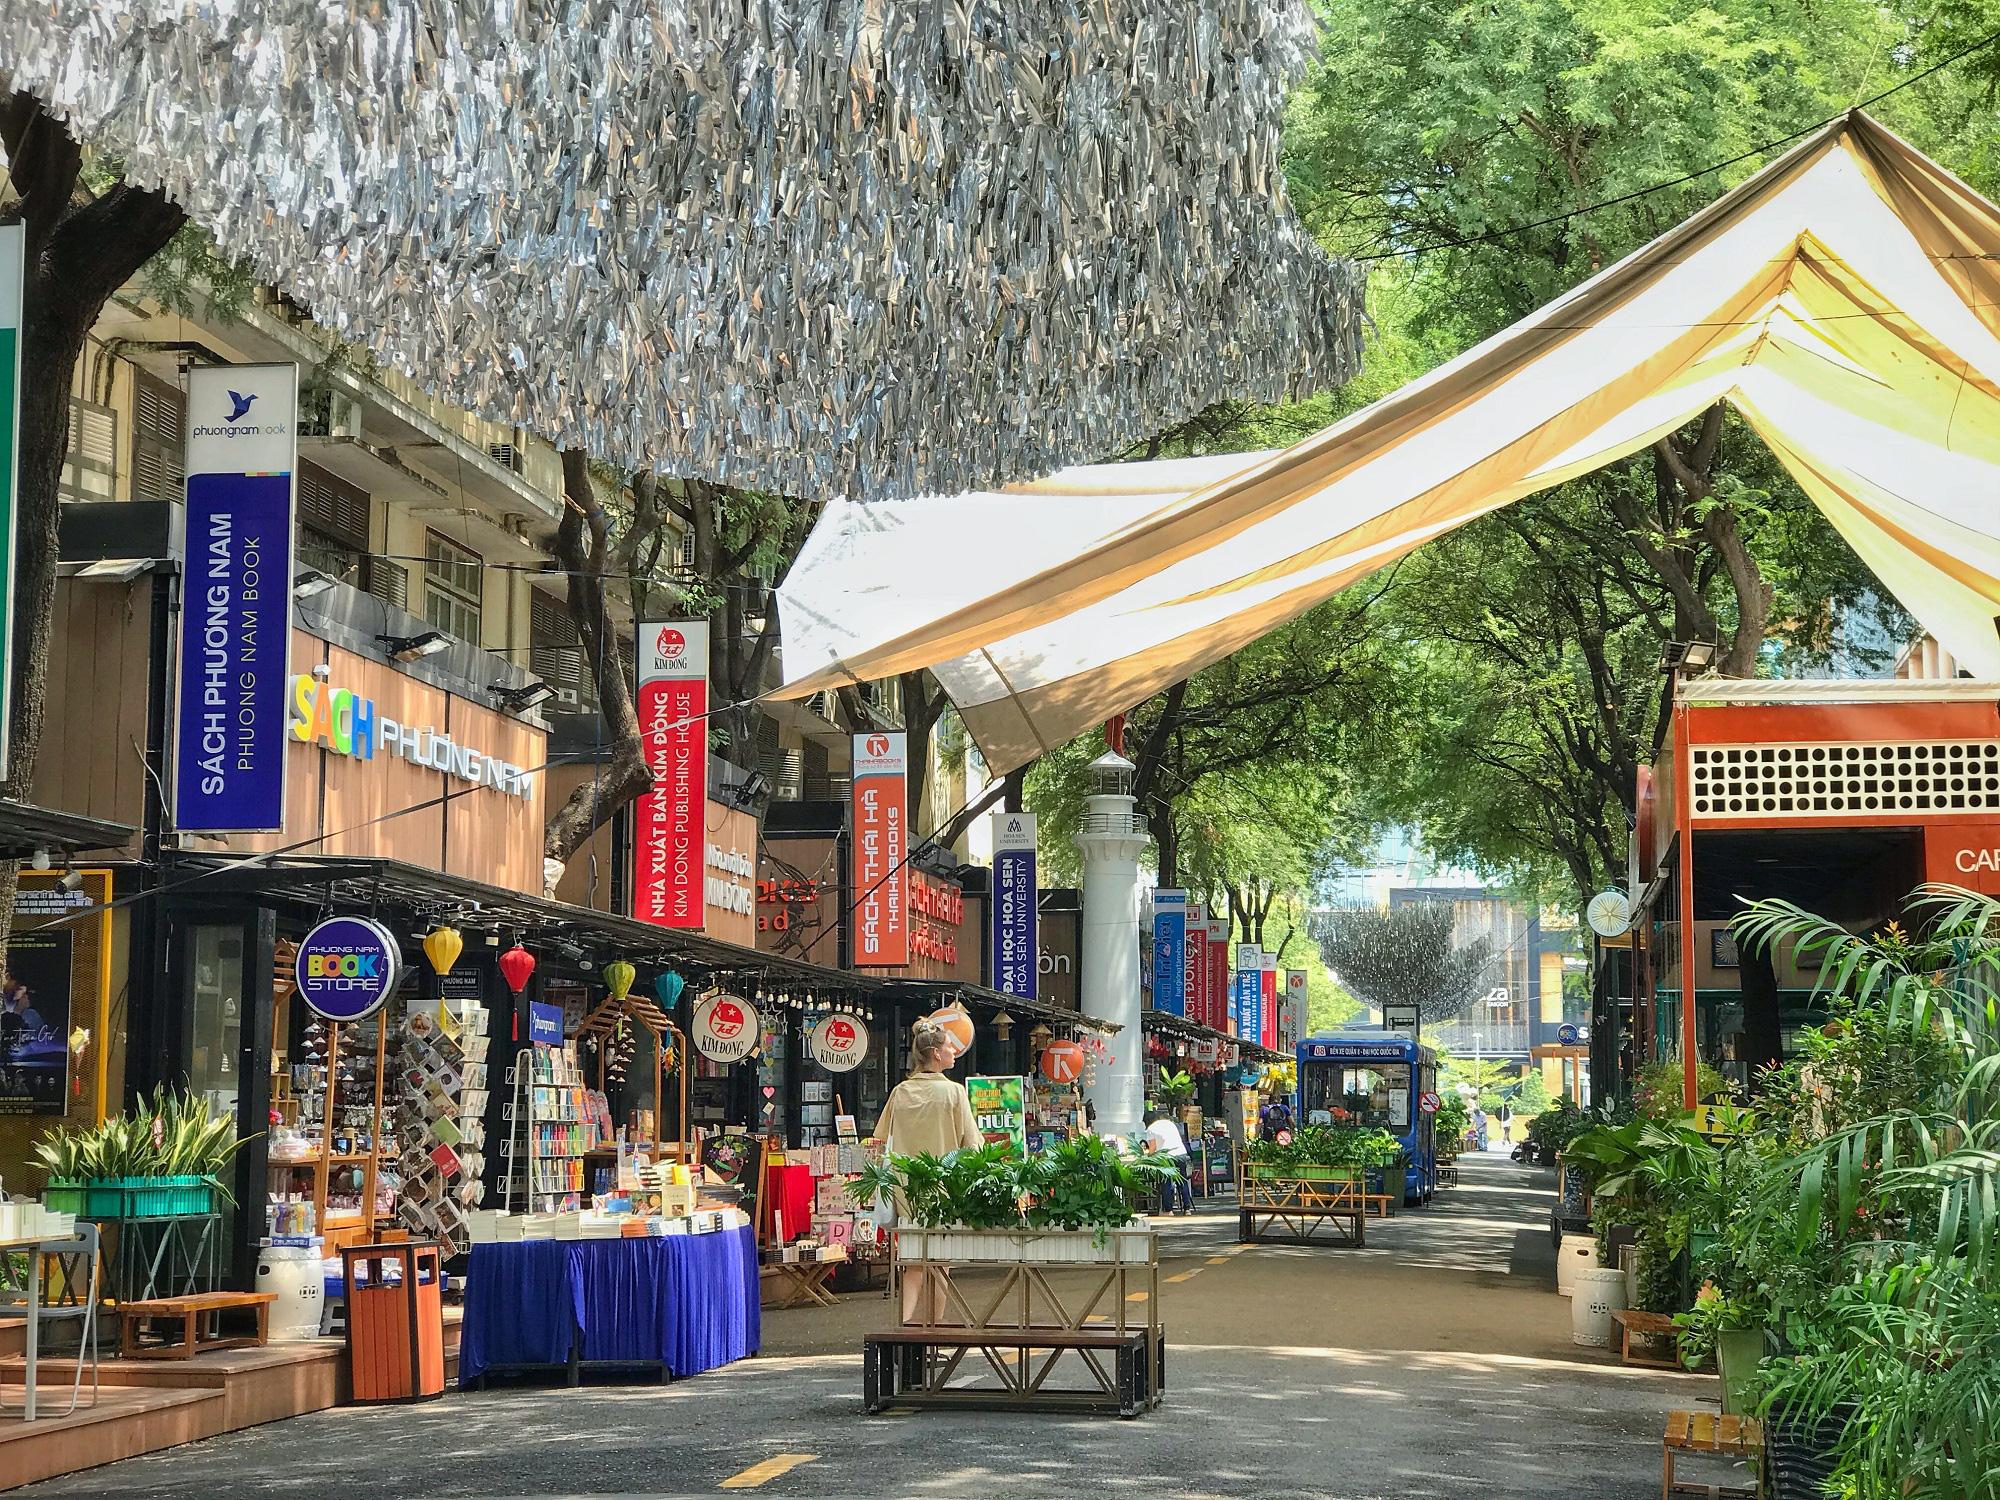 """Sài Gòn 16/3: Các điểm vui chơi, du lịch tham quan tại quận 1 """"vắng lặng"""" giữa mùa dịch Corona - Ảnh 6."""